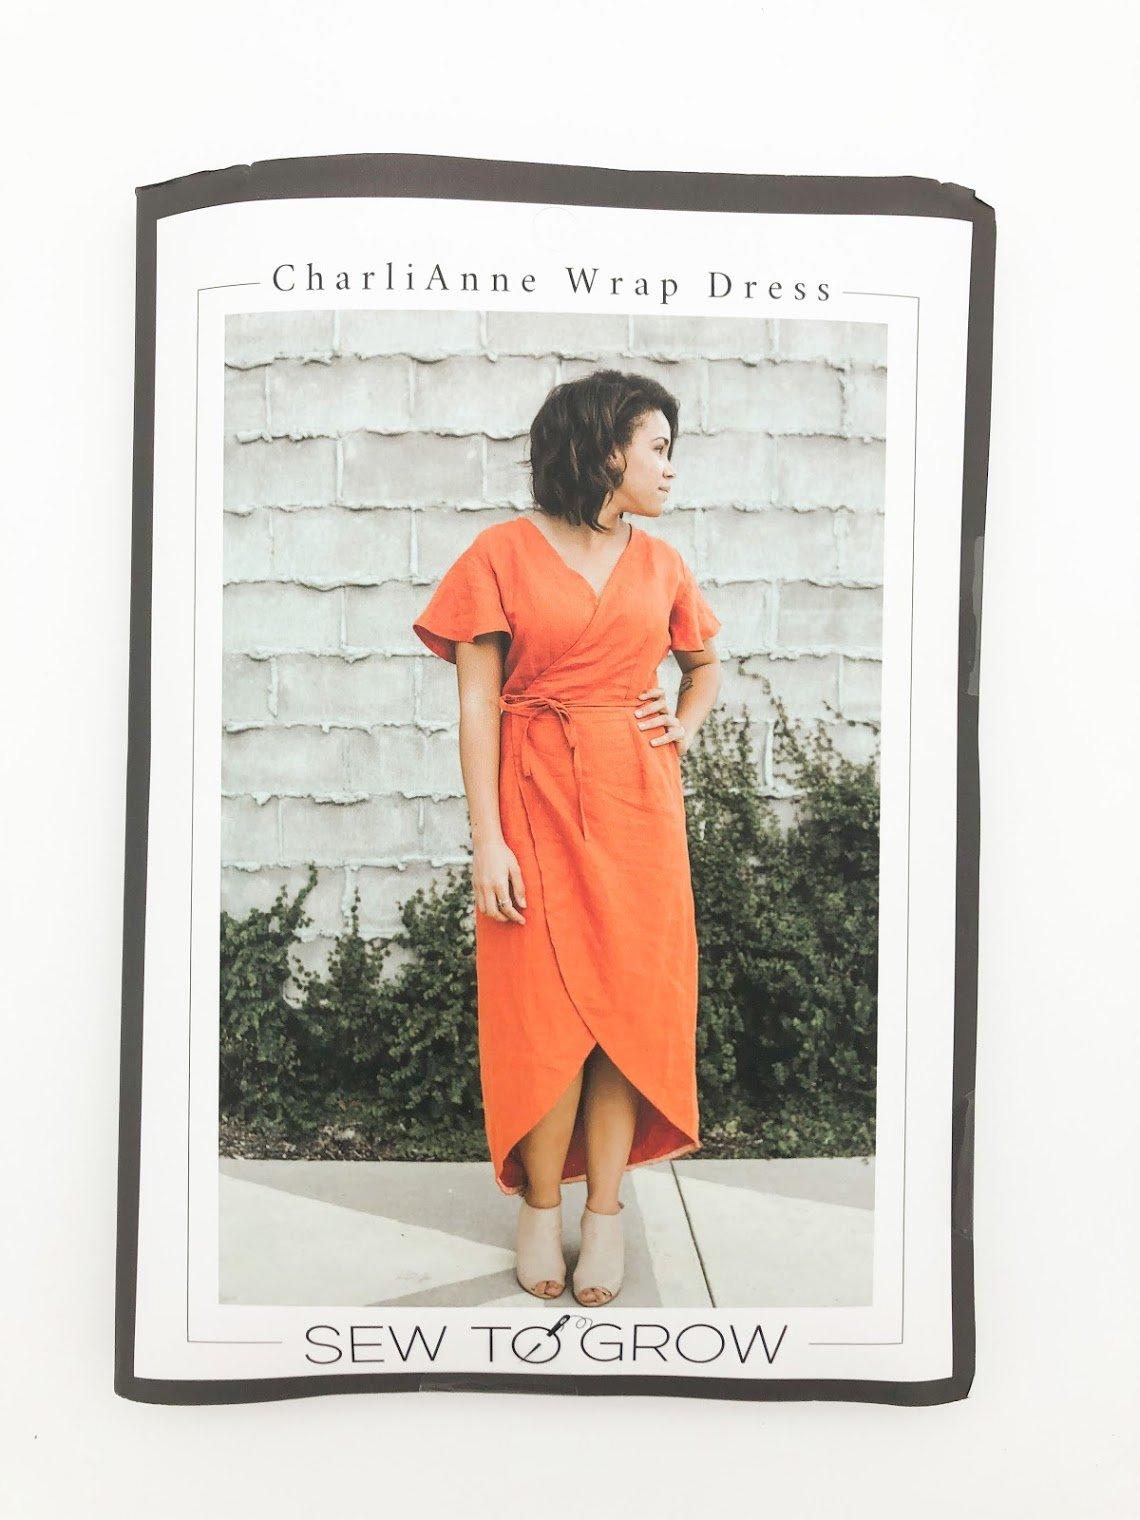 CharlieAnne Wrap Dress Pattern